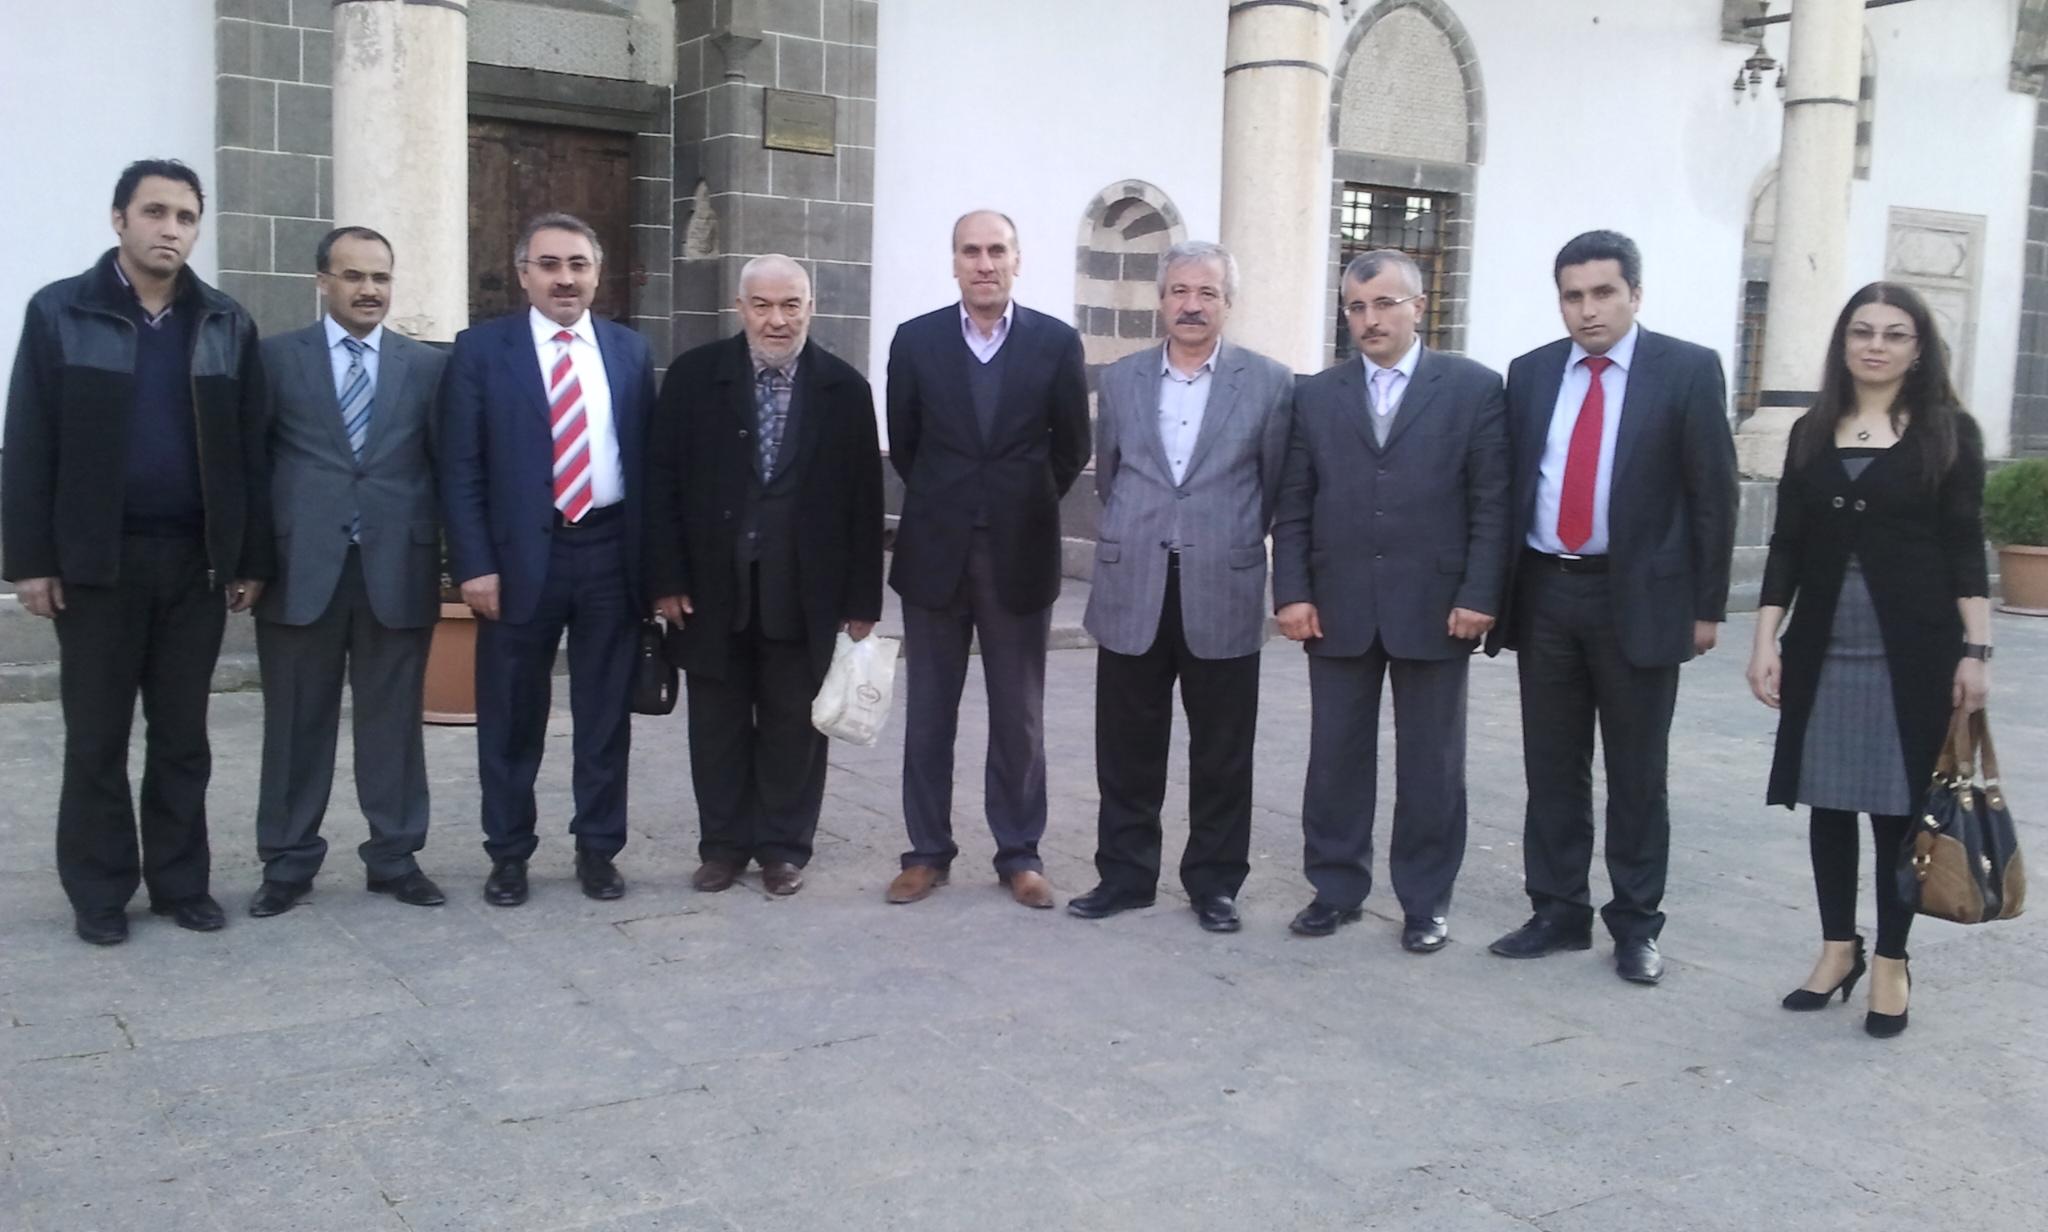 TYB Kurucu Başkanı ve TYB Vakfı Başkanı Mehmet Doğan Diyarbakır'daydı.